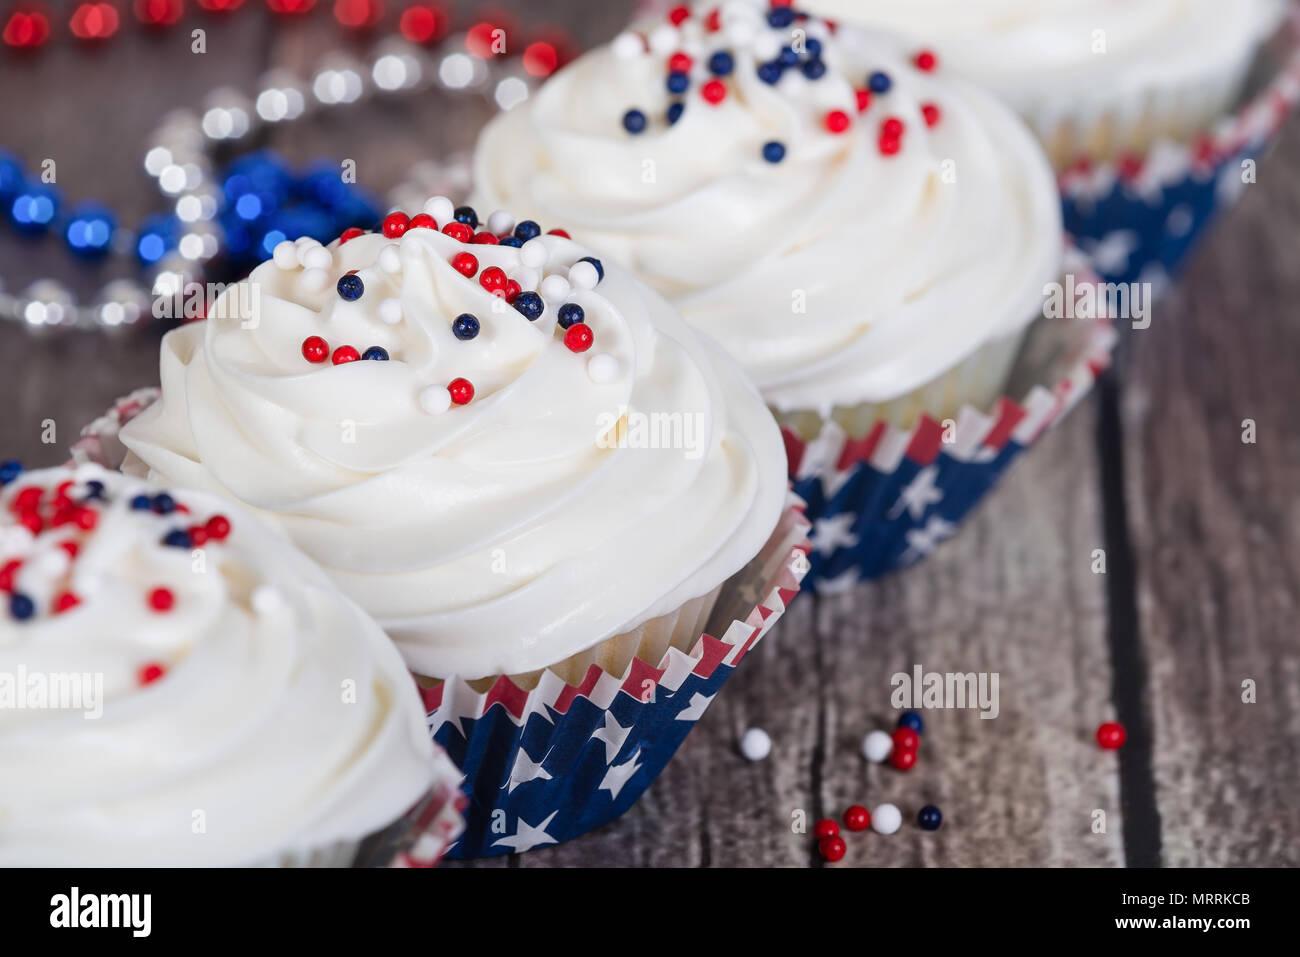 Patriotische 4. Juli oder Memorial Day Feier Cupcakes auf rustikalen Holztisch mit festlichen roten, weißen und blauen Verzierungen. Stockfoto